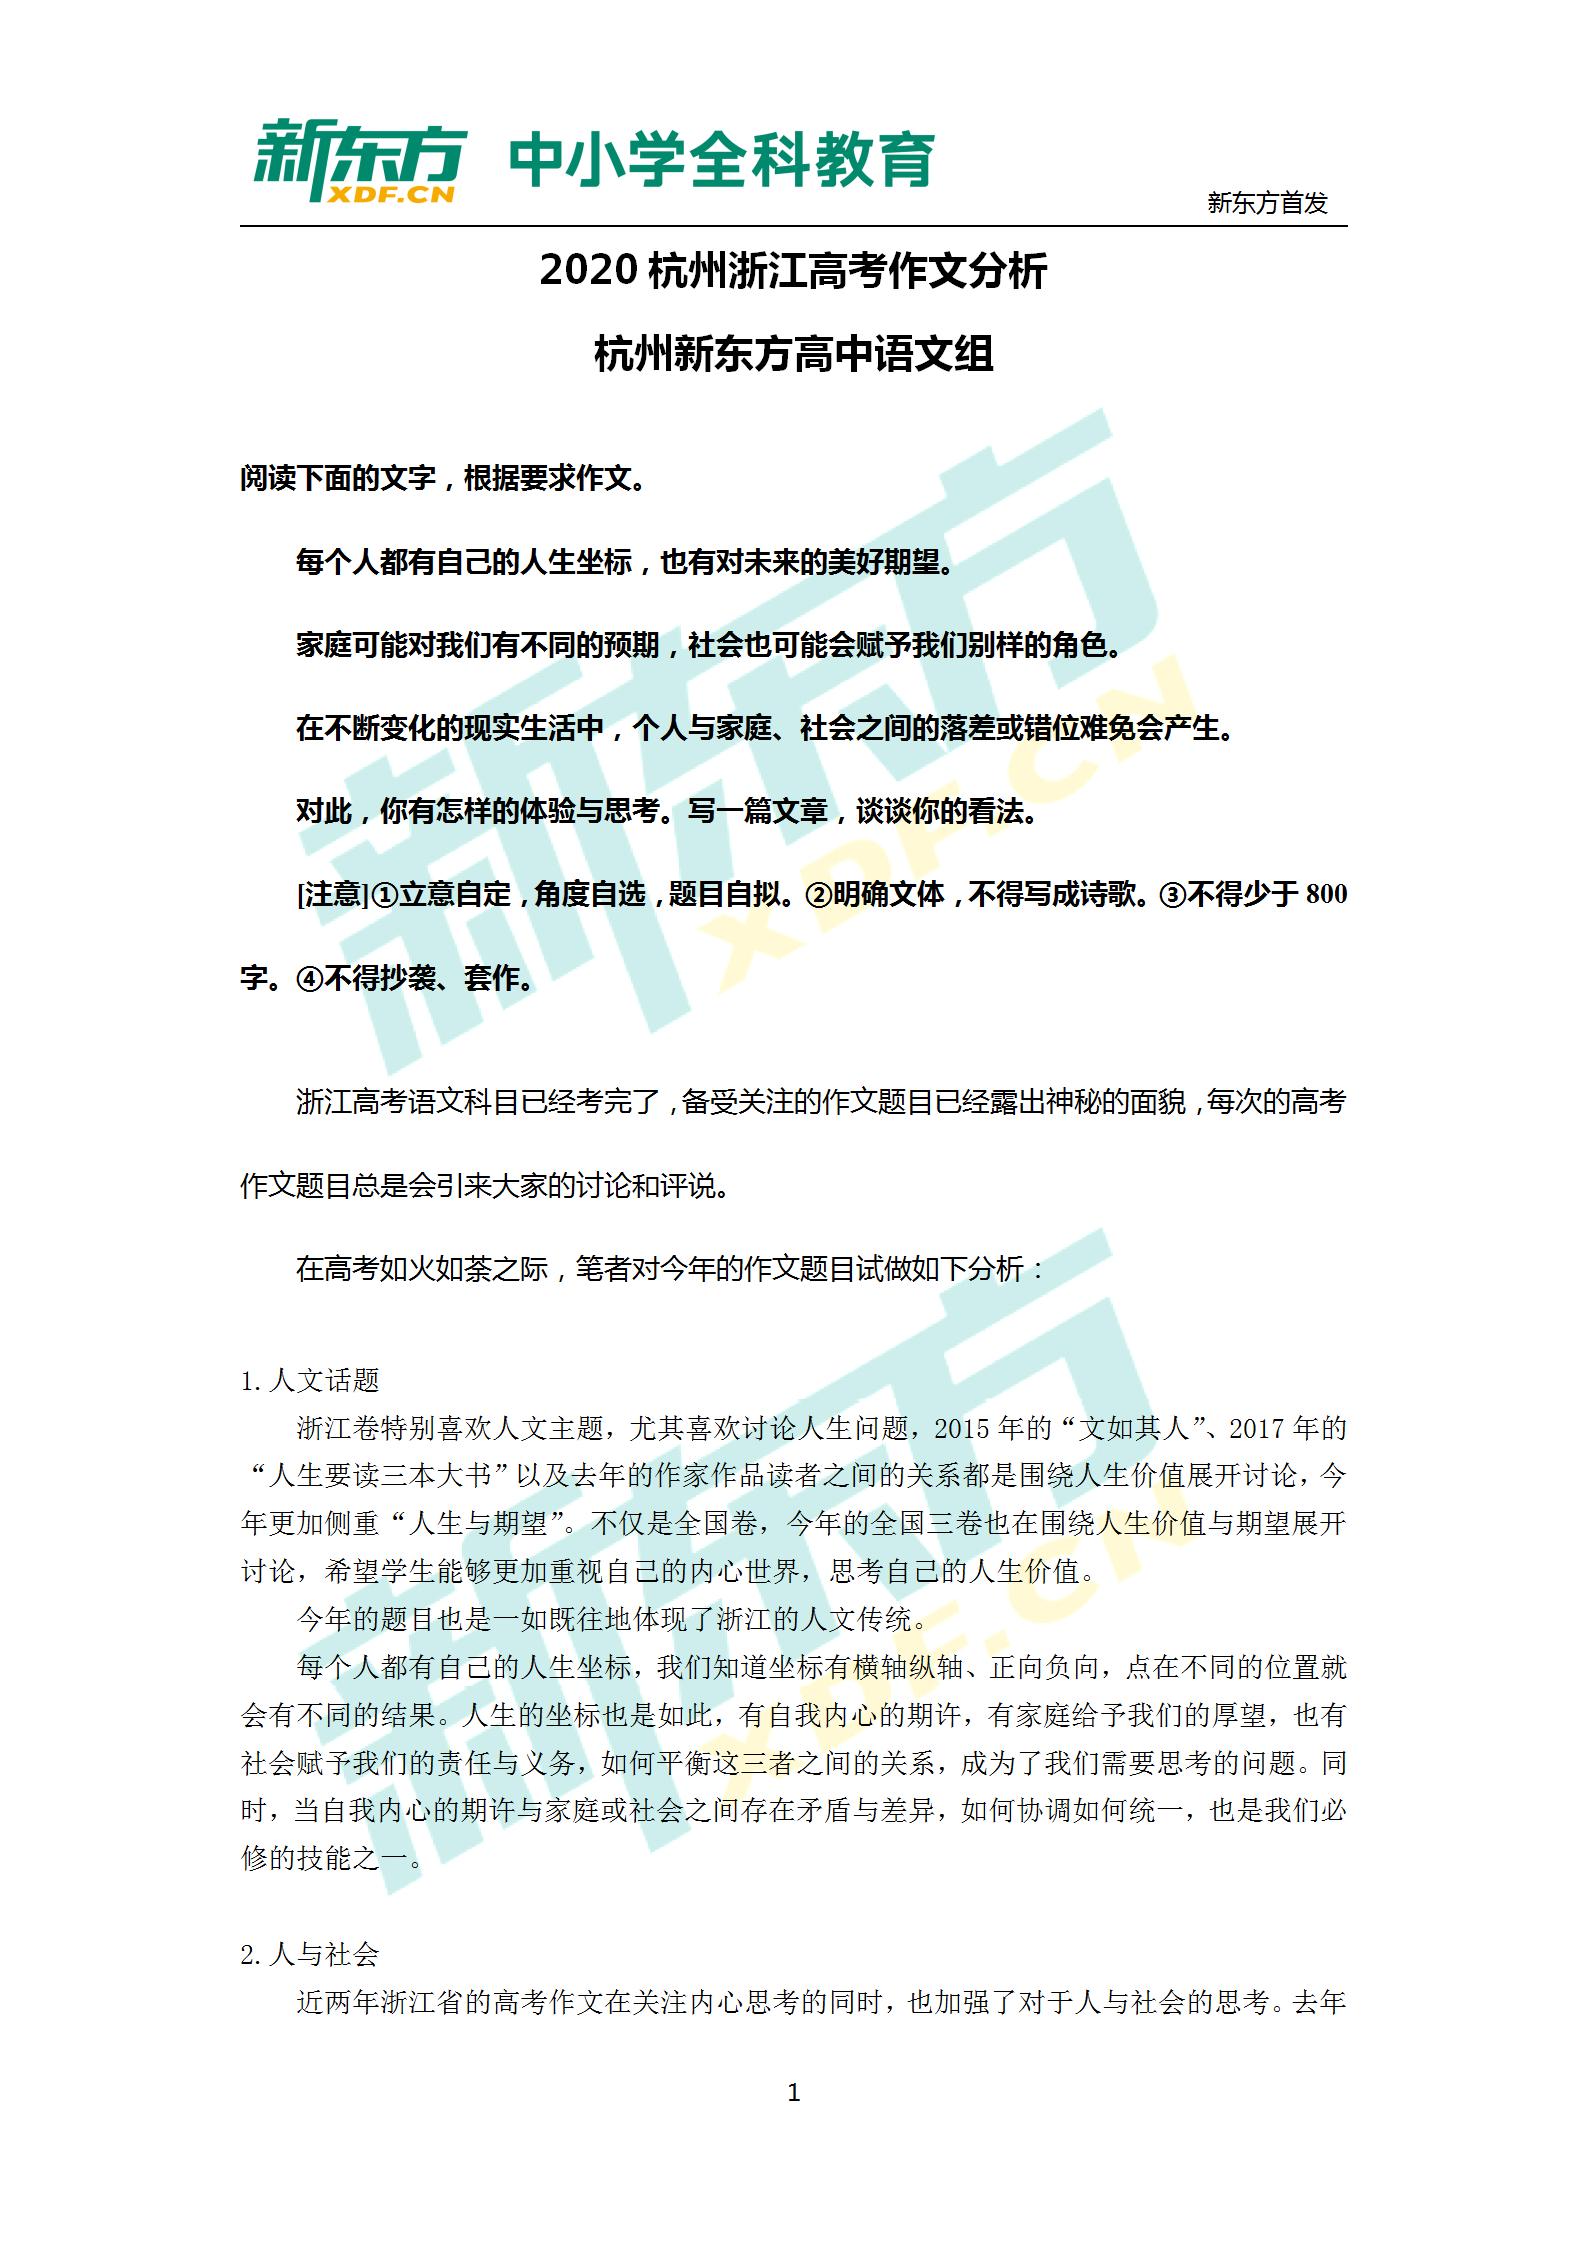 2020年浙江高考语文作文评析